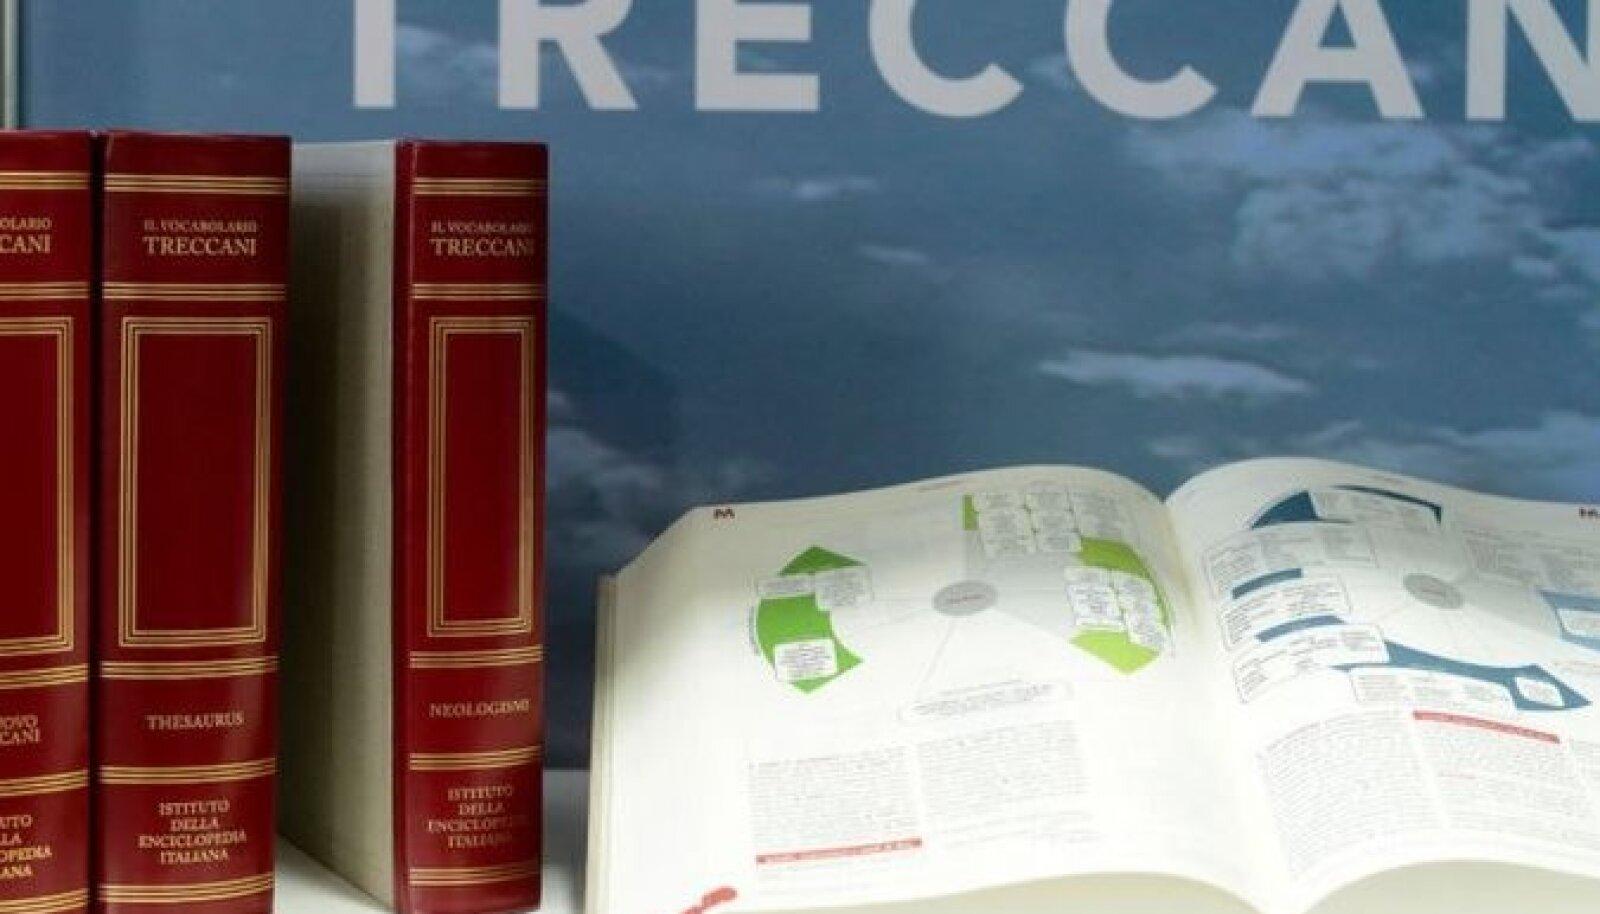 В итальянском словаре синонимы к мужчине - бизнесмен и сердечный человек, к женщине - проститутка